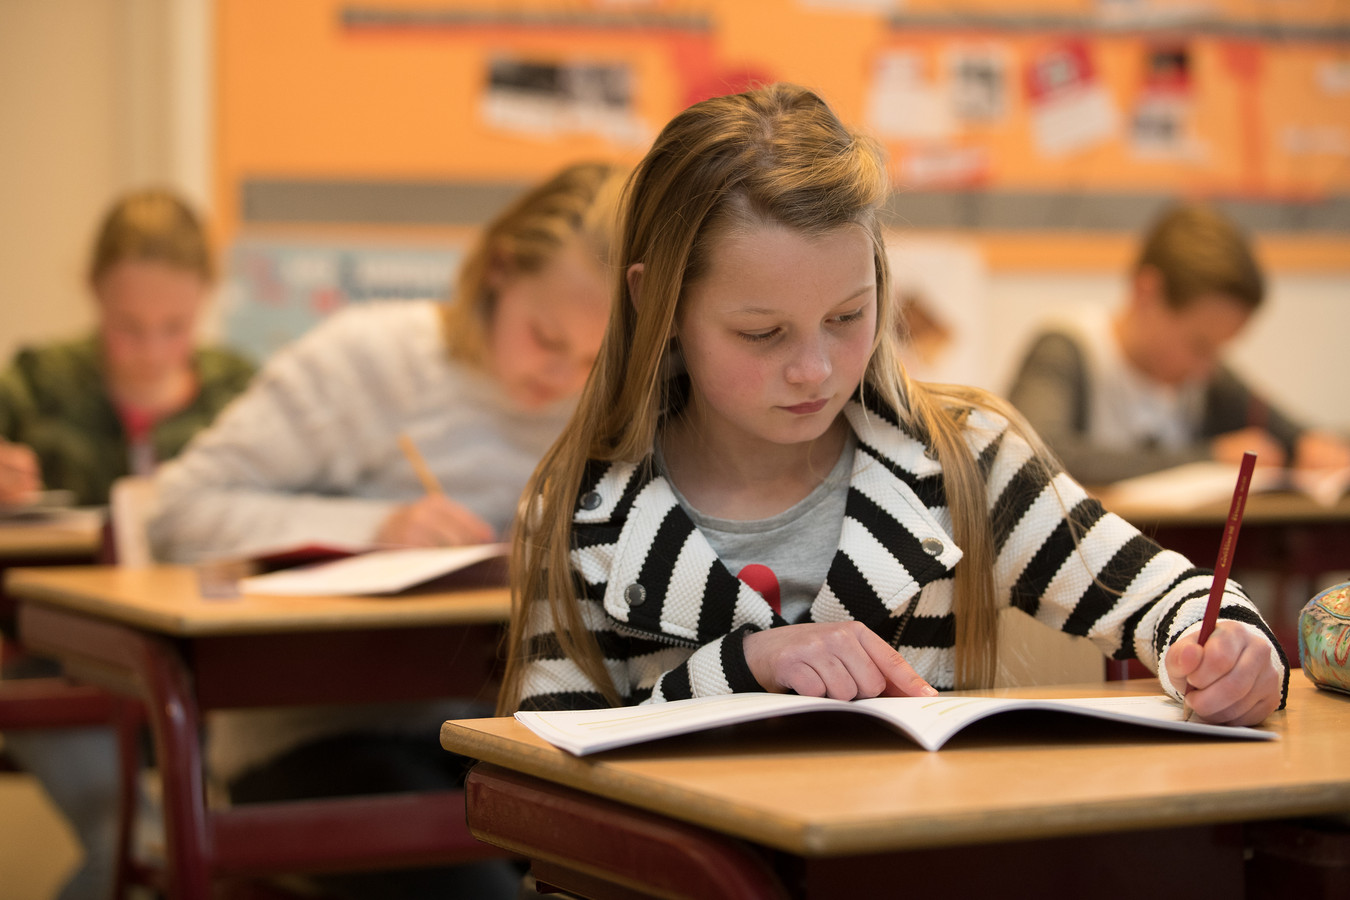 Raquel Diepeveen van basisschool Esmoreit in Luttenberg doet geconcentreerd de opgaven van de IEP-toets.